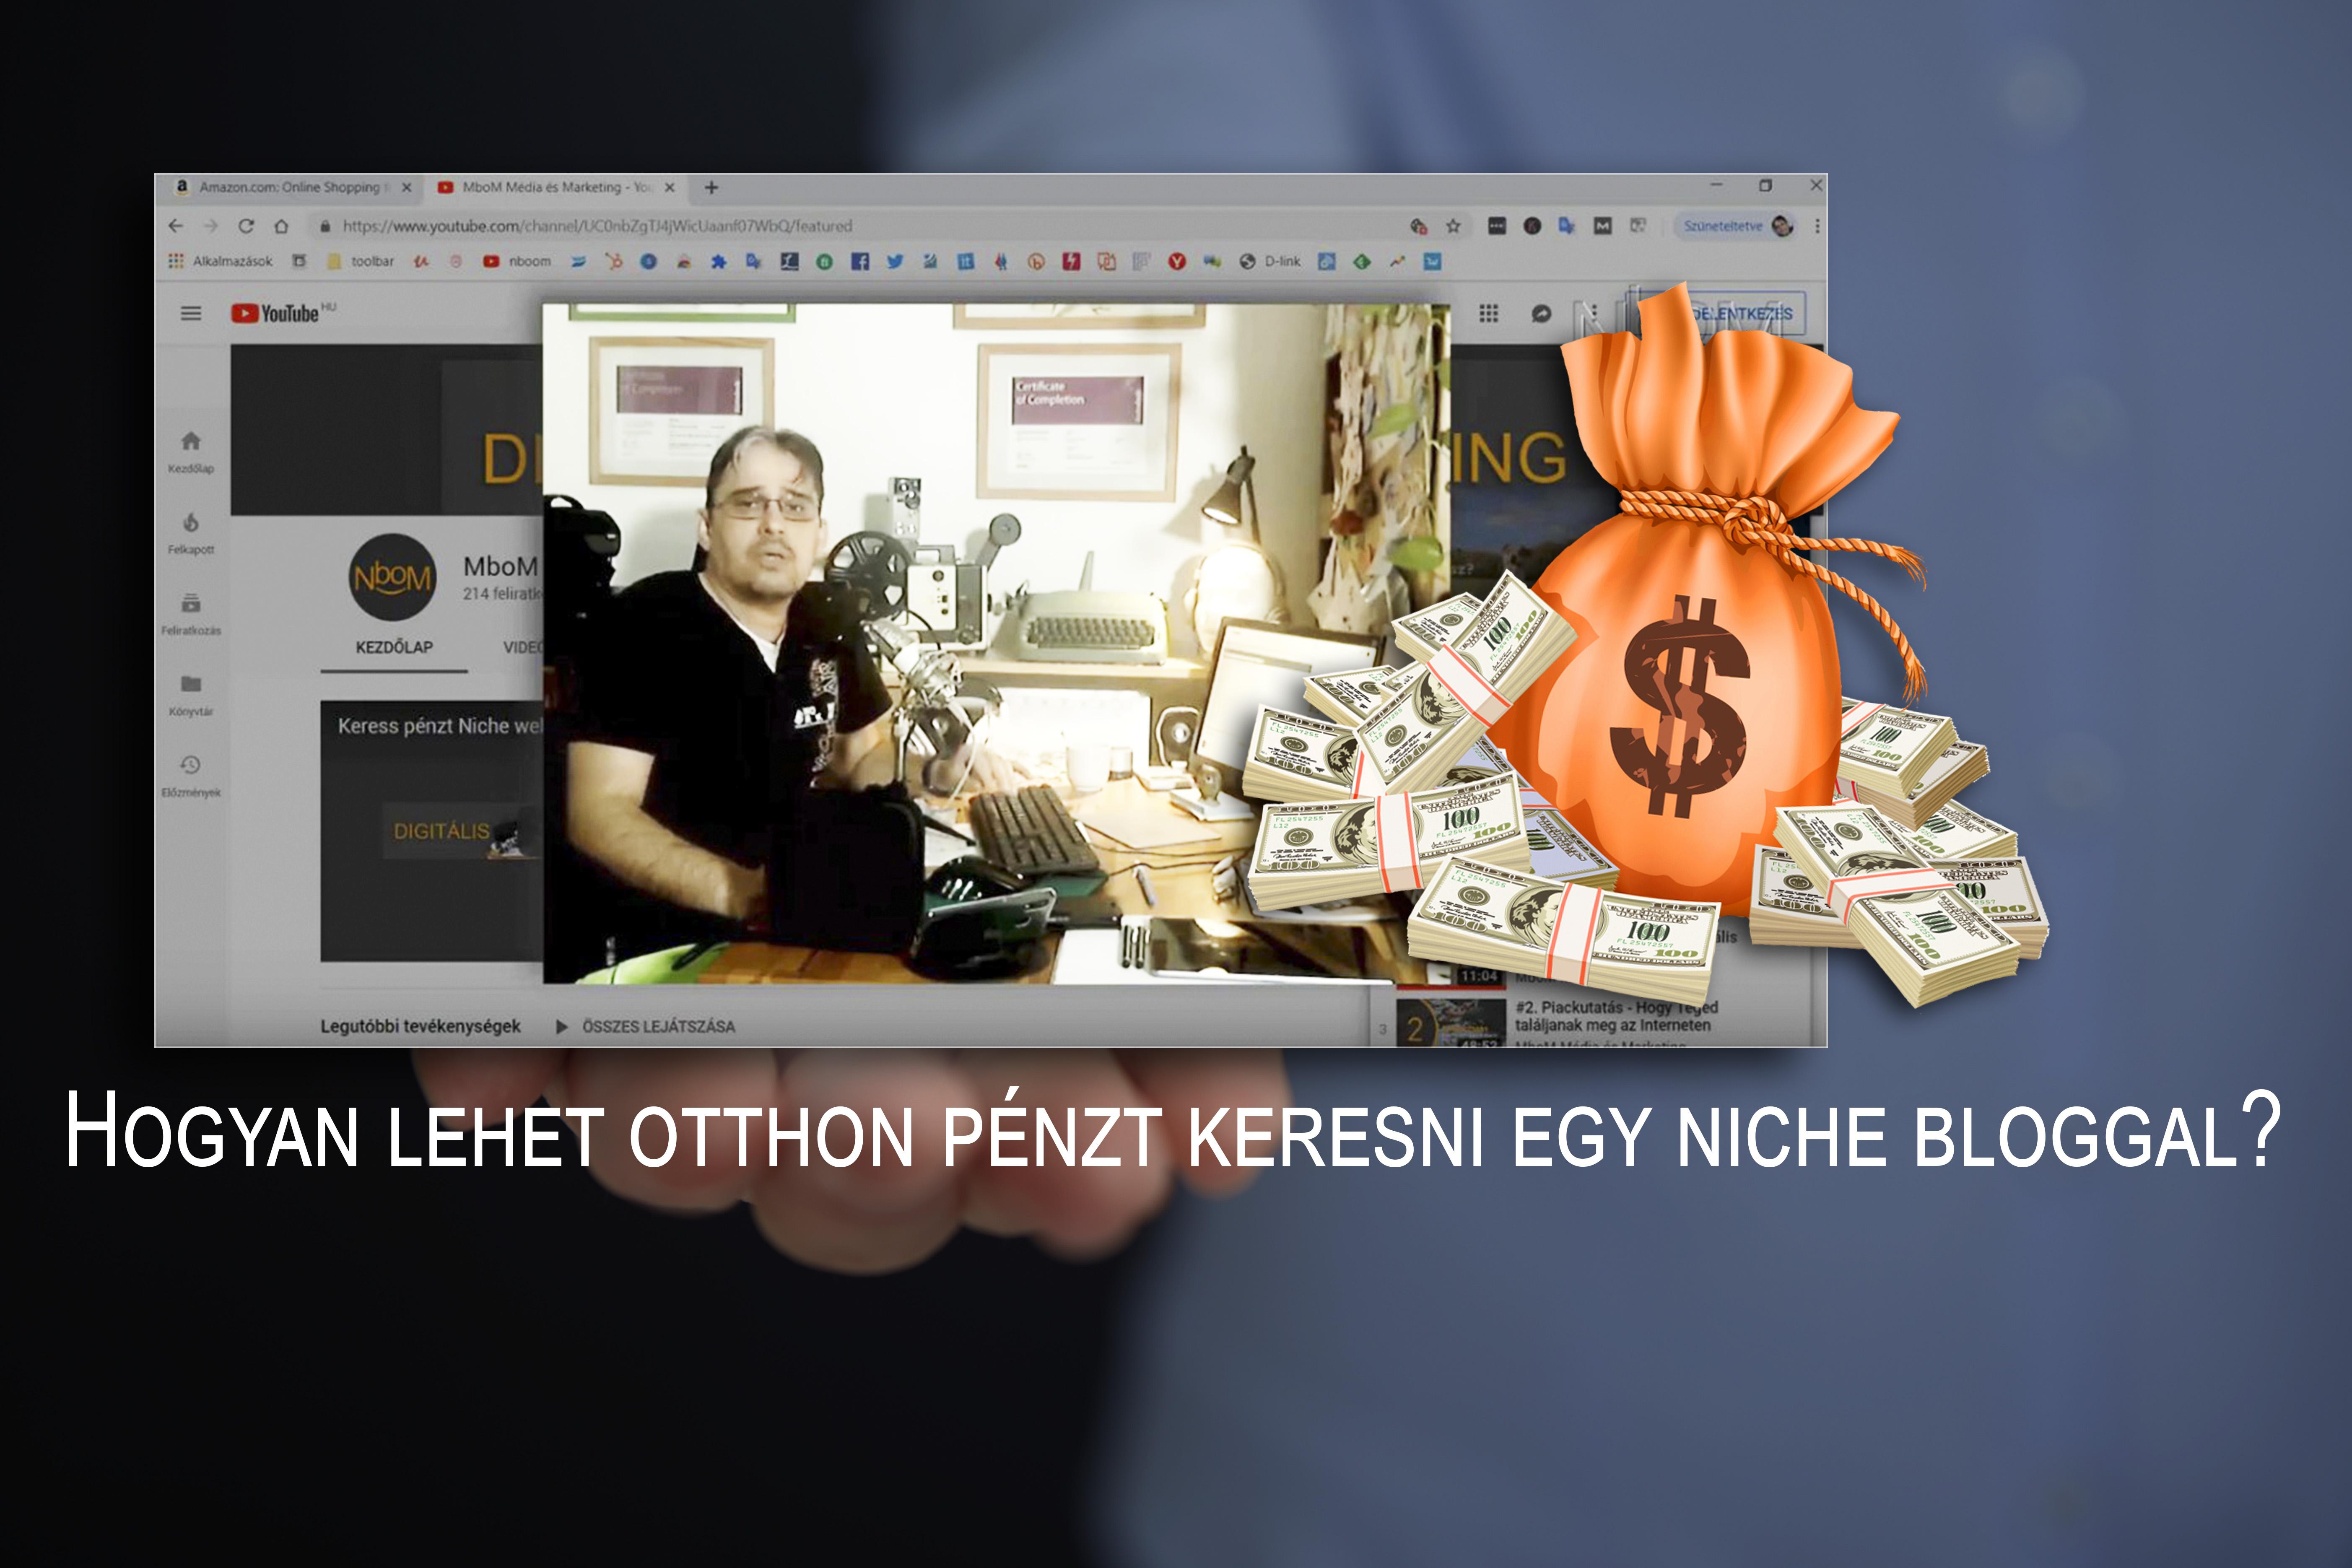 video oldalak, ahol pénzt lehet keresni